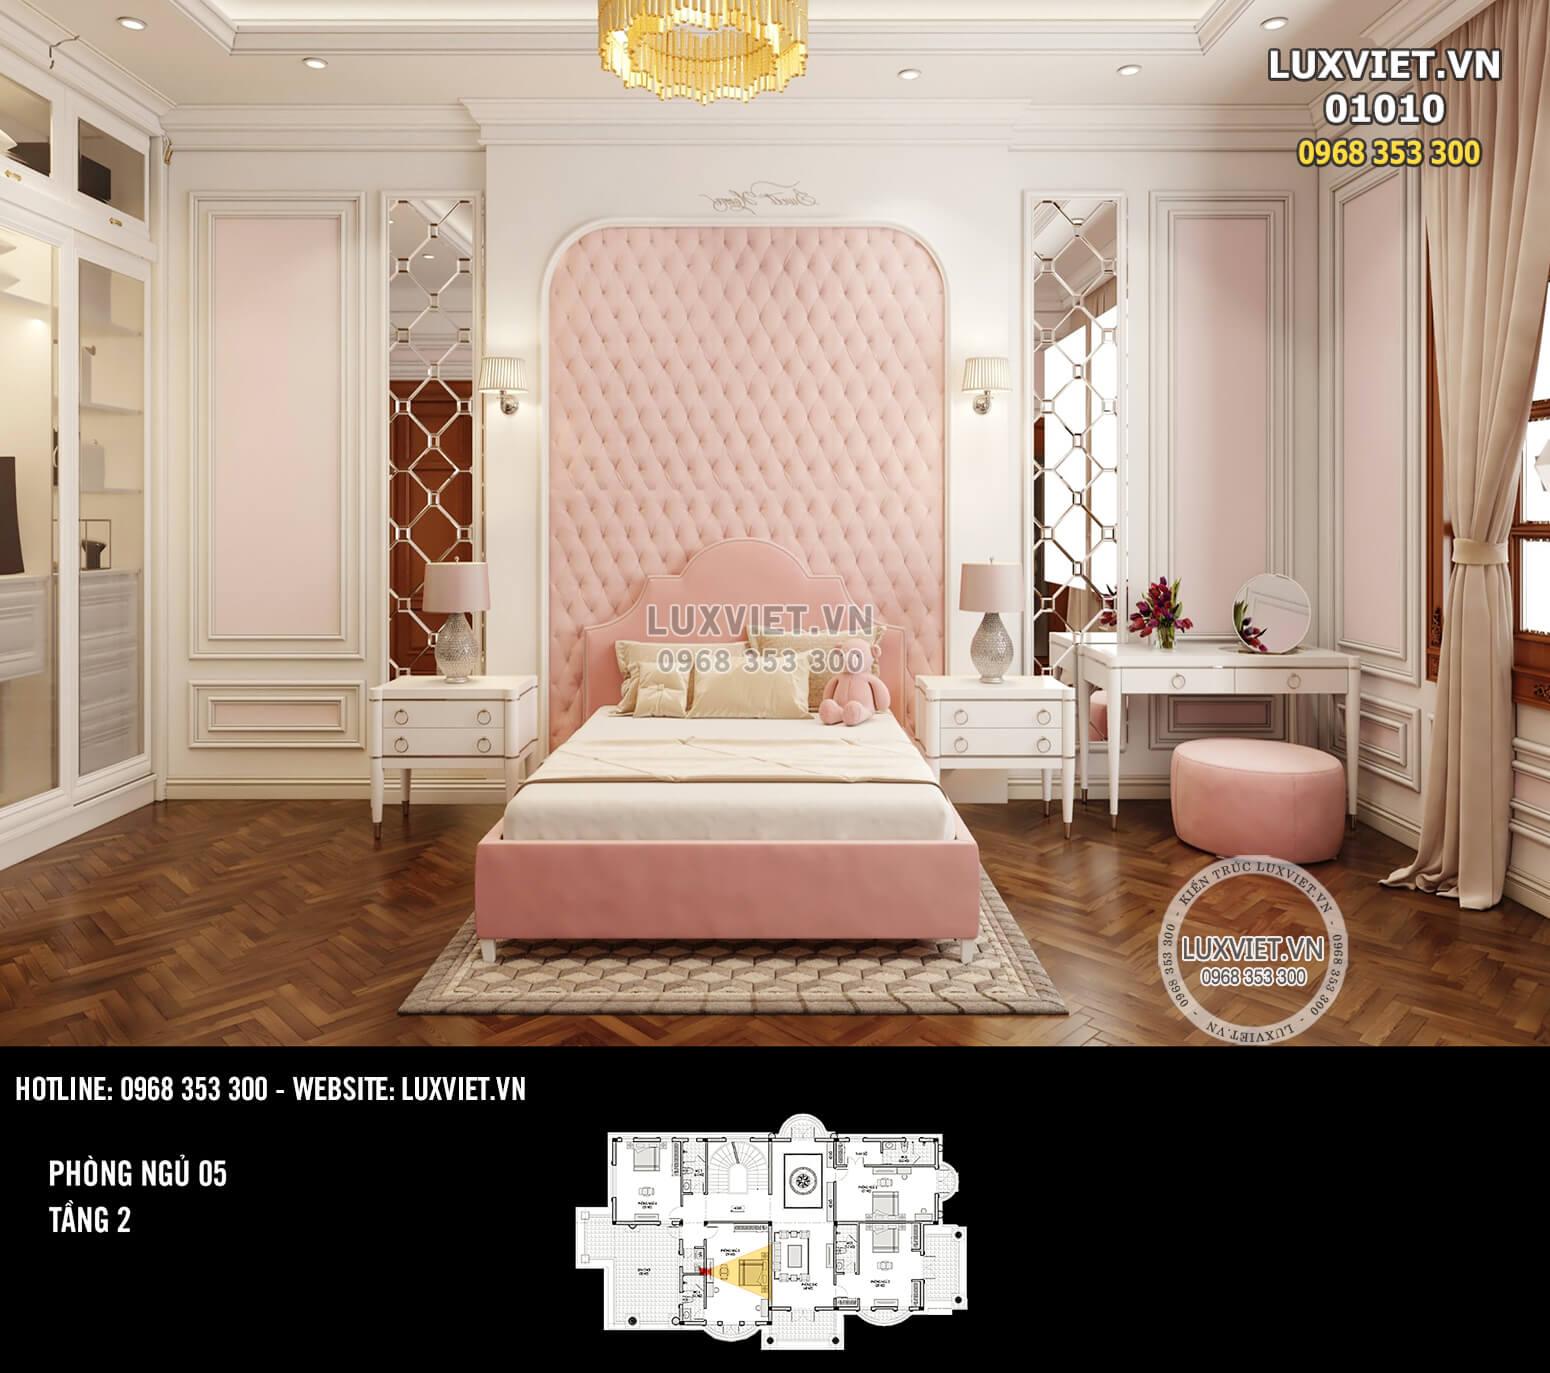 Hình ảnh: Phòng ngủ 05 cho cô con gái của gia chủ - LV 01010